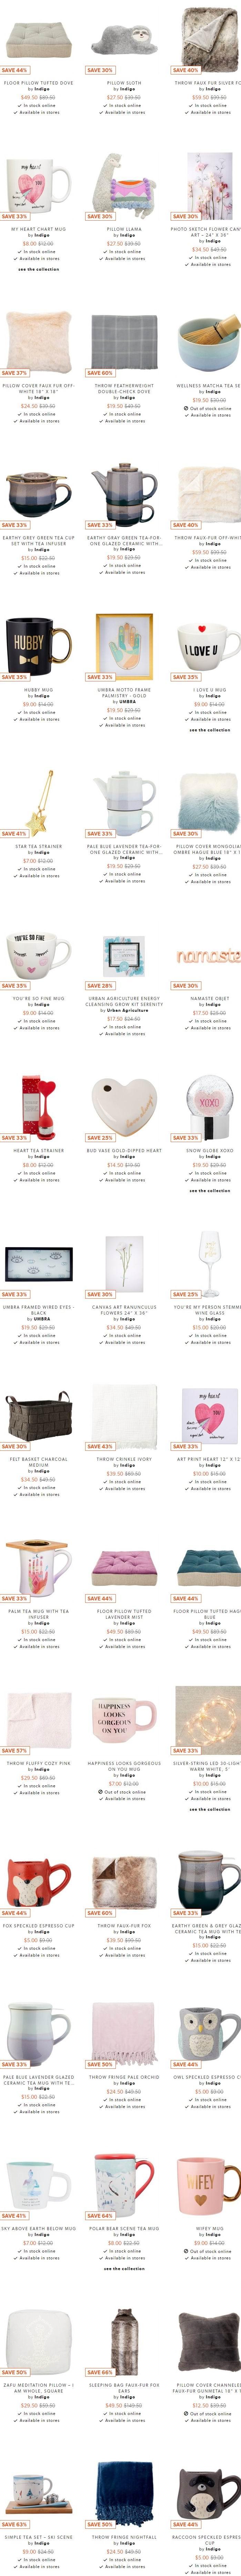 Indigo精选超可爱茶具、毛毯、装饰品、香薰 2.9折起!低至3加元+包邮!